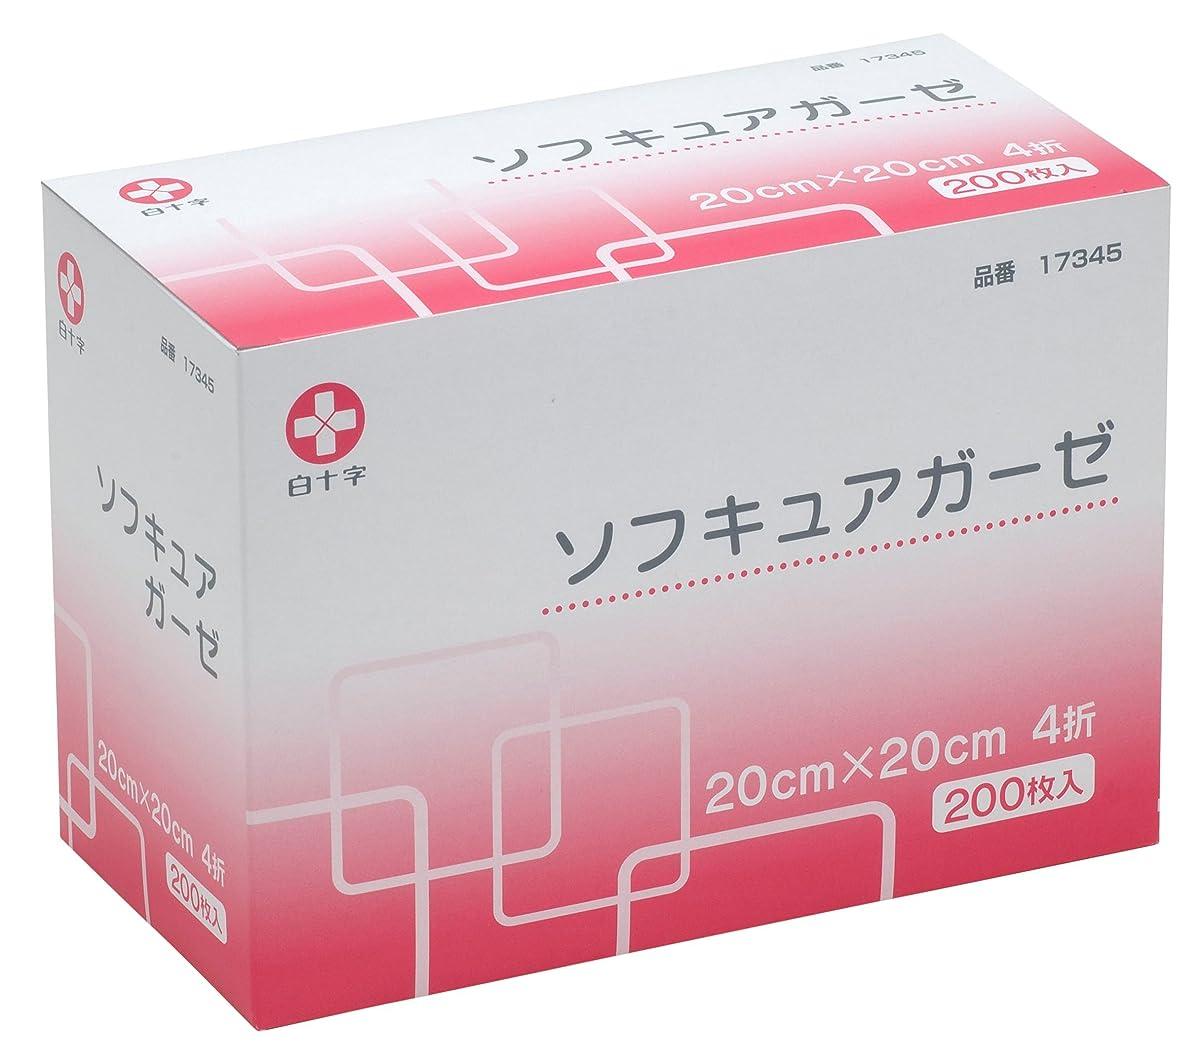 器具と闘う映画白十字 ソフキュアガーゼ 20×20 4折 200枚入